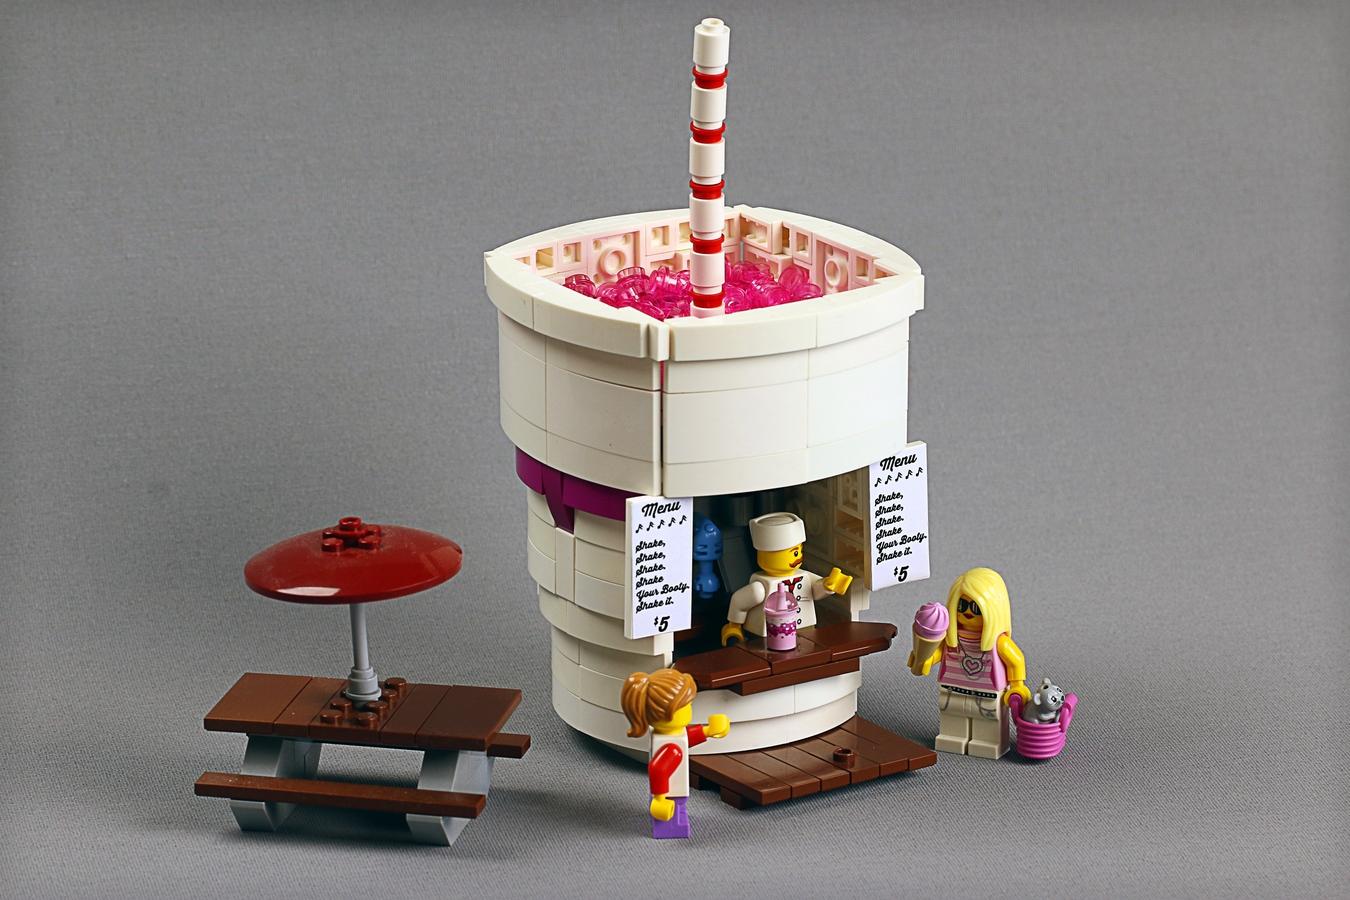 lego-ideas-food-stand-diners-shake-frostbricks zusammengebaut.com